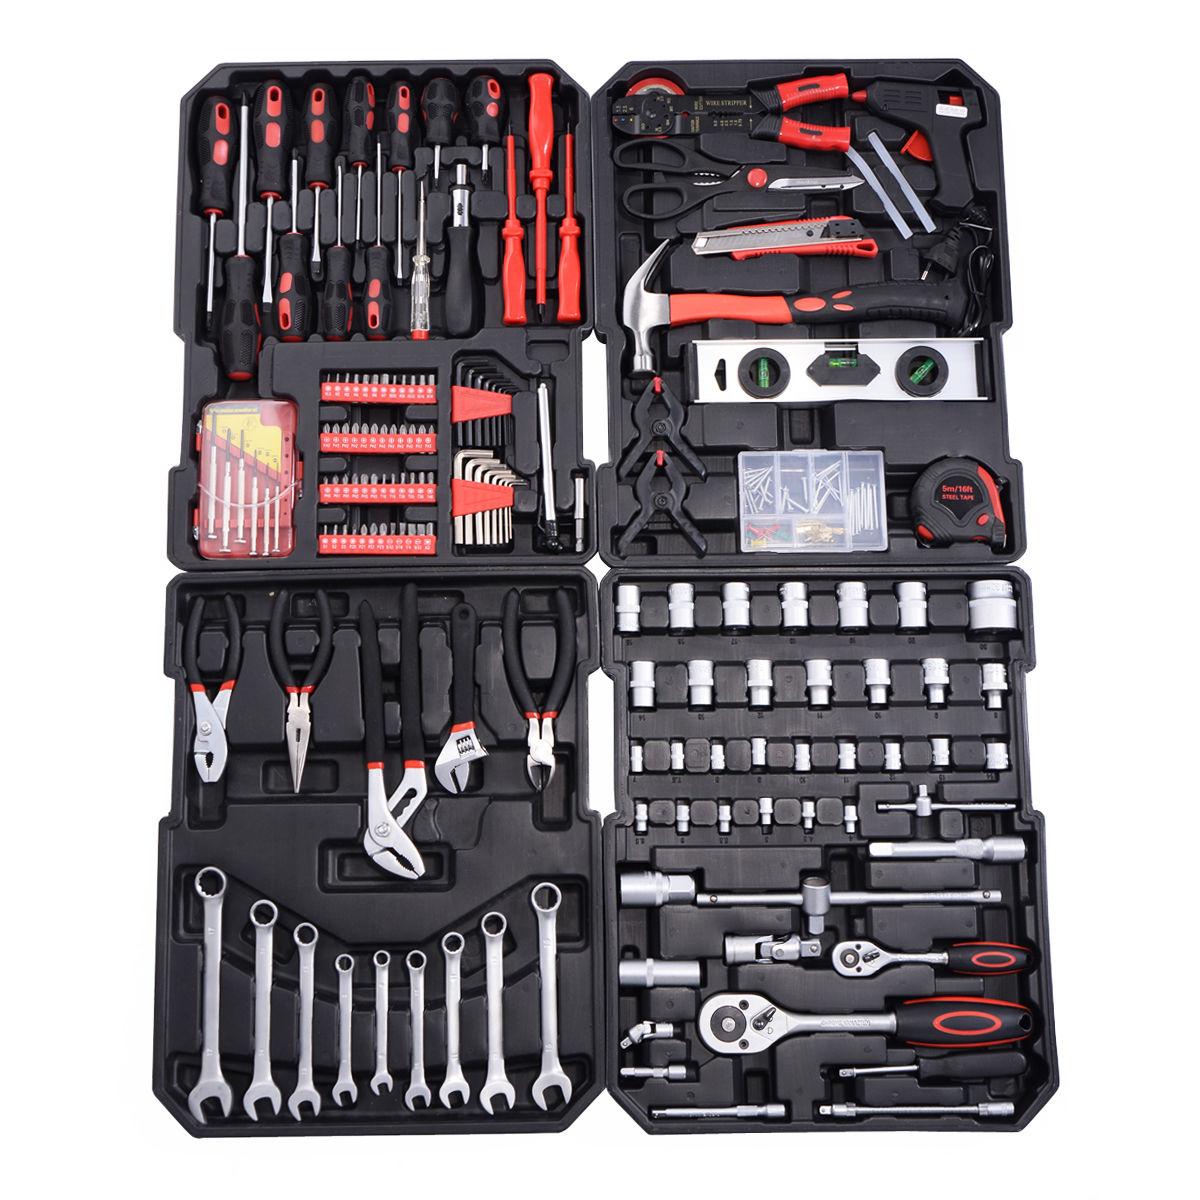 599 pcs Tool Set Mechanics Tool Kit